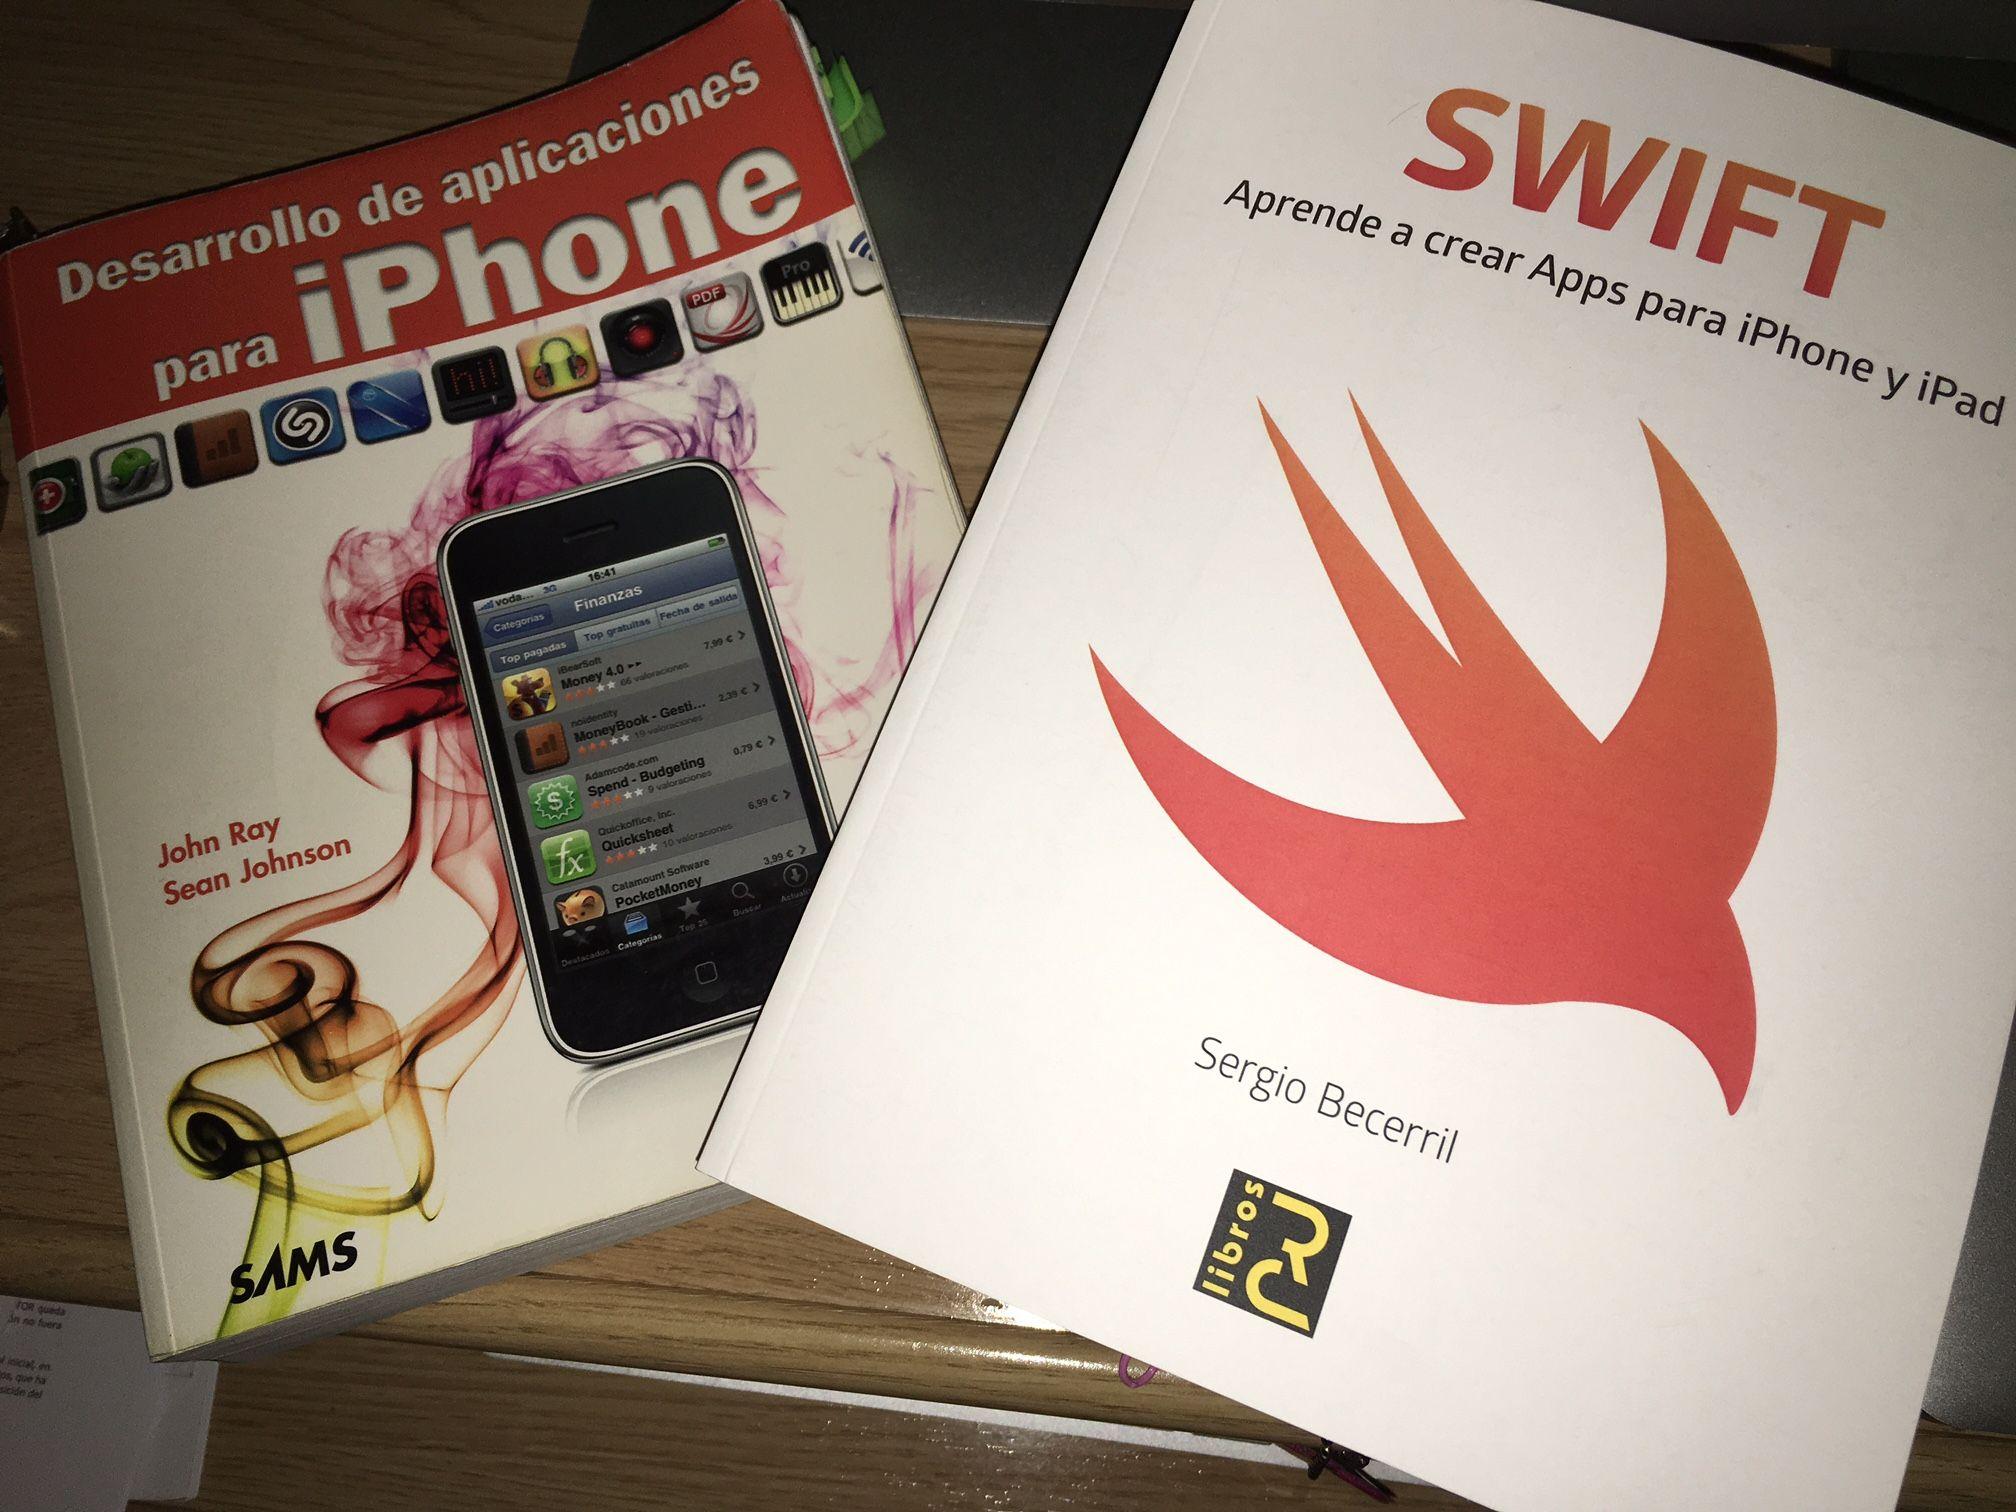 SWIFT. Aprende a crear Apps para iPhone y iPad